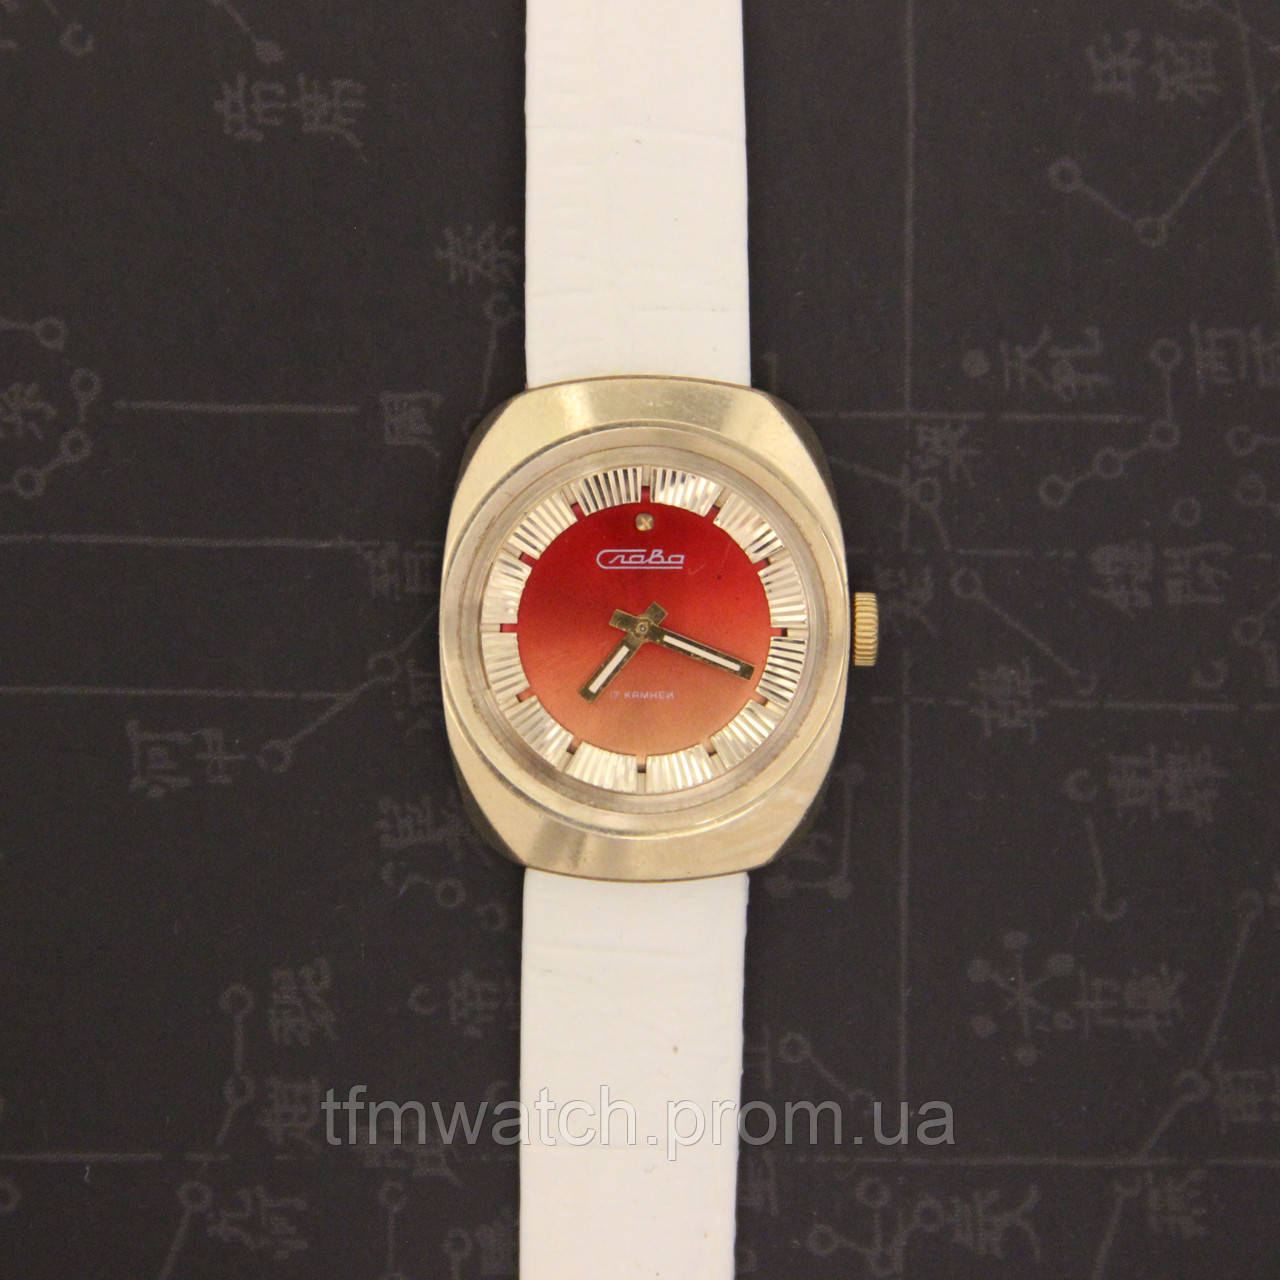 fb40d58d3c55 Слава женские наручные механические часы СССР - Магазин старинных,  винтажных и антикварных часов TFMwatch в